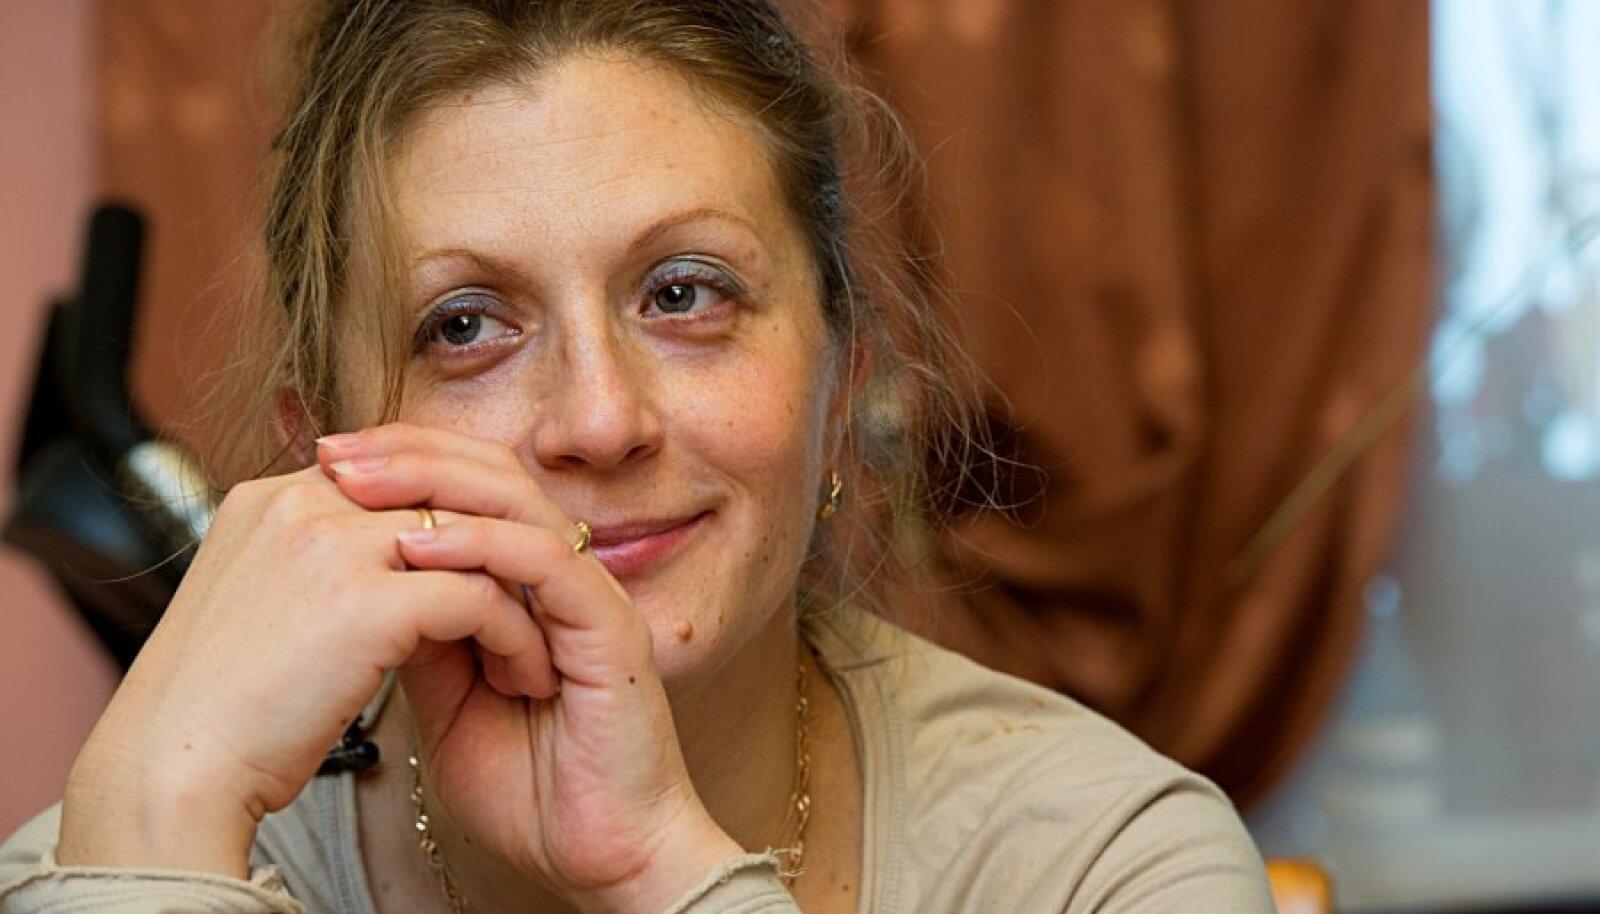 Natalia Lokk